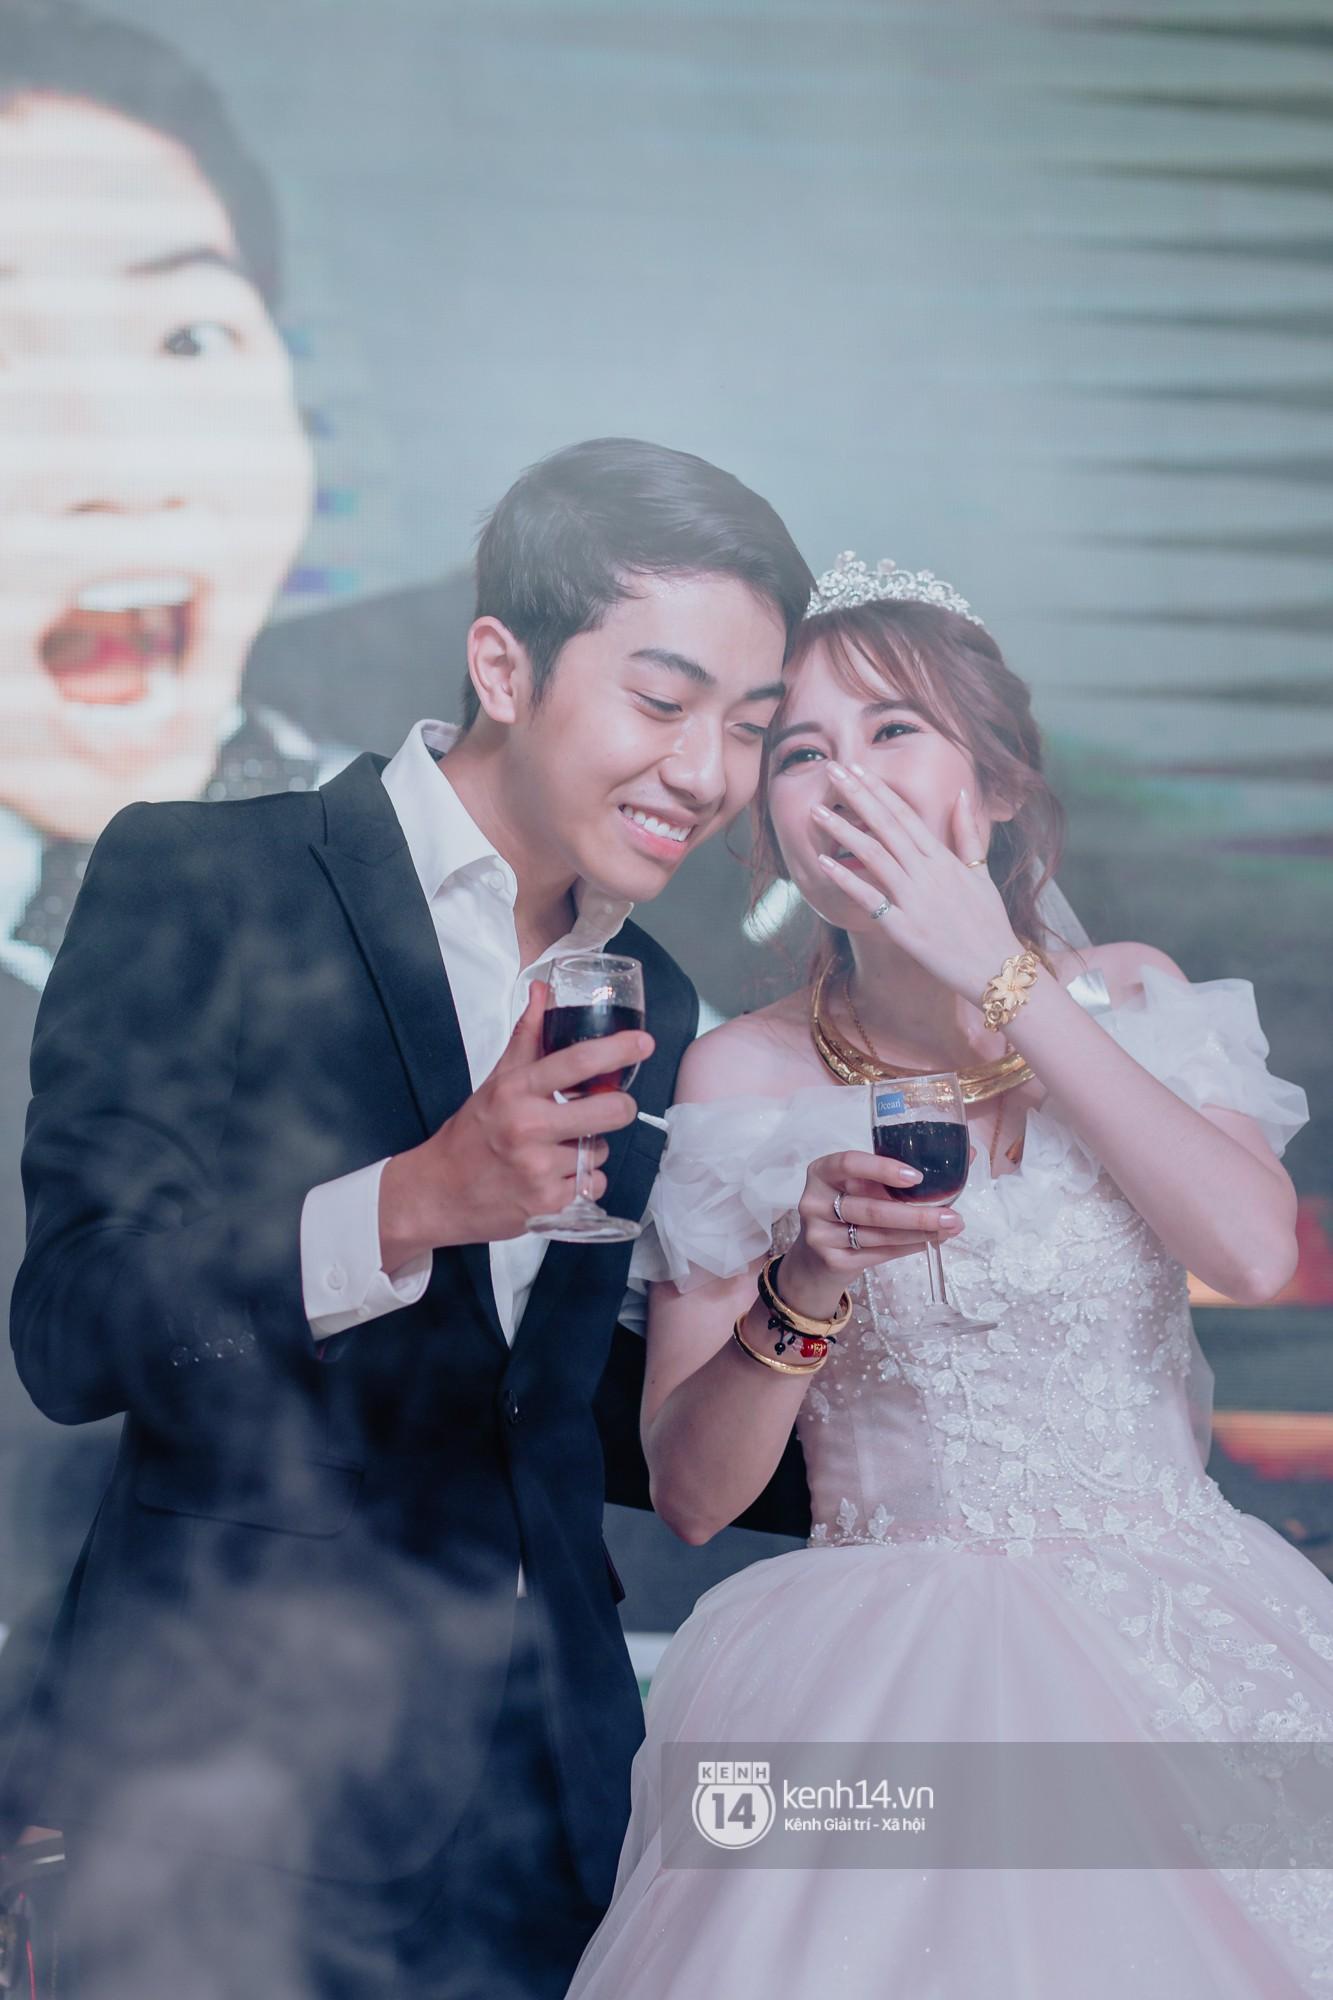 Xem hết một lượt những khoảnh khắc đẹp lịm tim của Cris Phan và Mai Quỳnh Anh: Cái kết đẹp của mối tình Chị ơi, anh yêu em! - Ảnh 13.